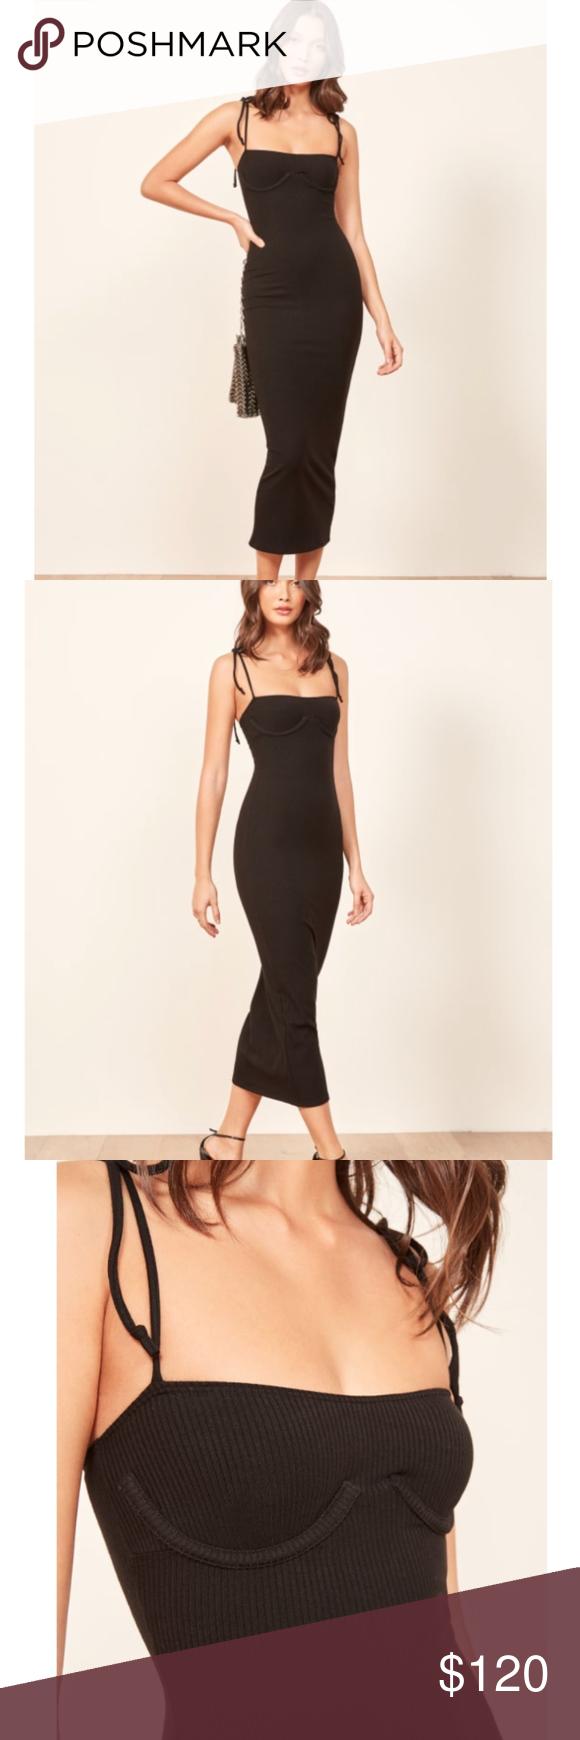 Prelude Full Length Black Dress Xl In 2020 Full Length Black Dress Dresses Black Dress [ 1740 x 580 Pixel ]